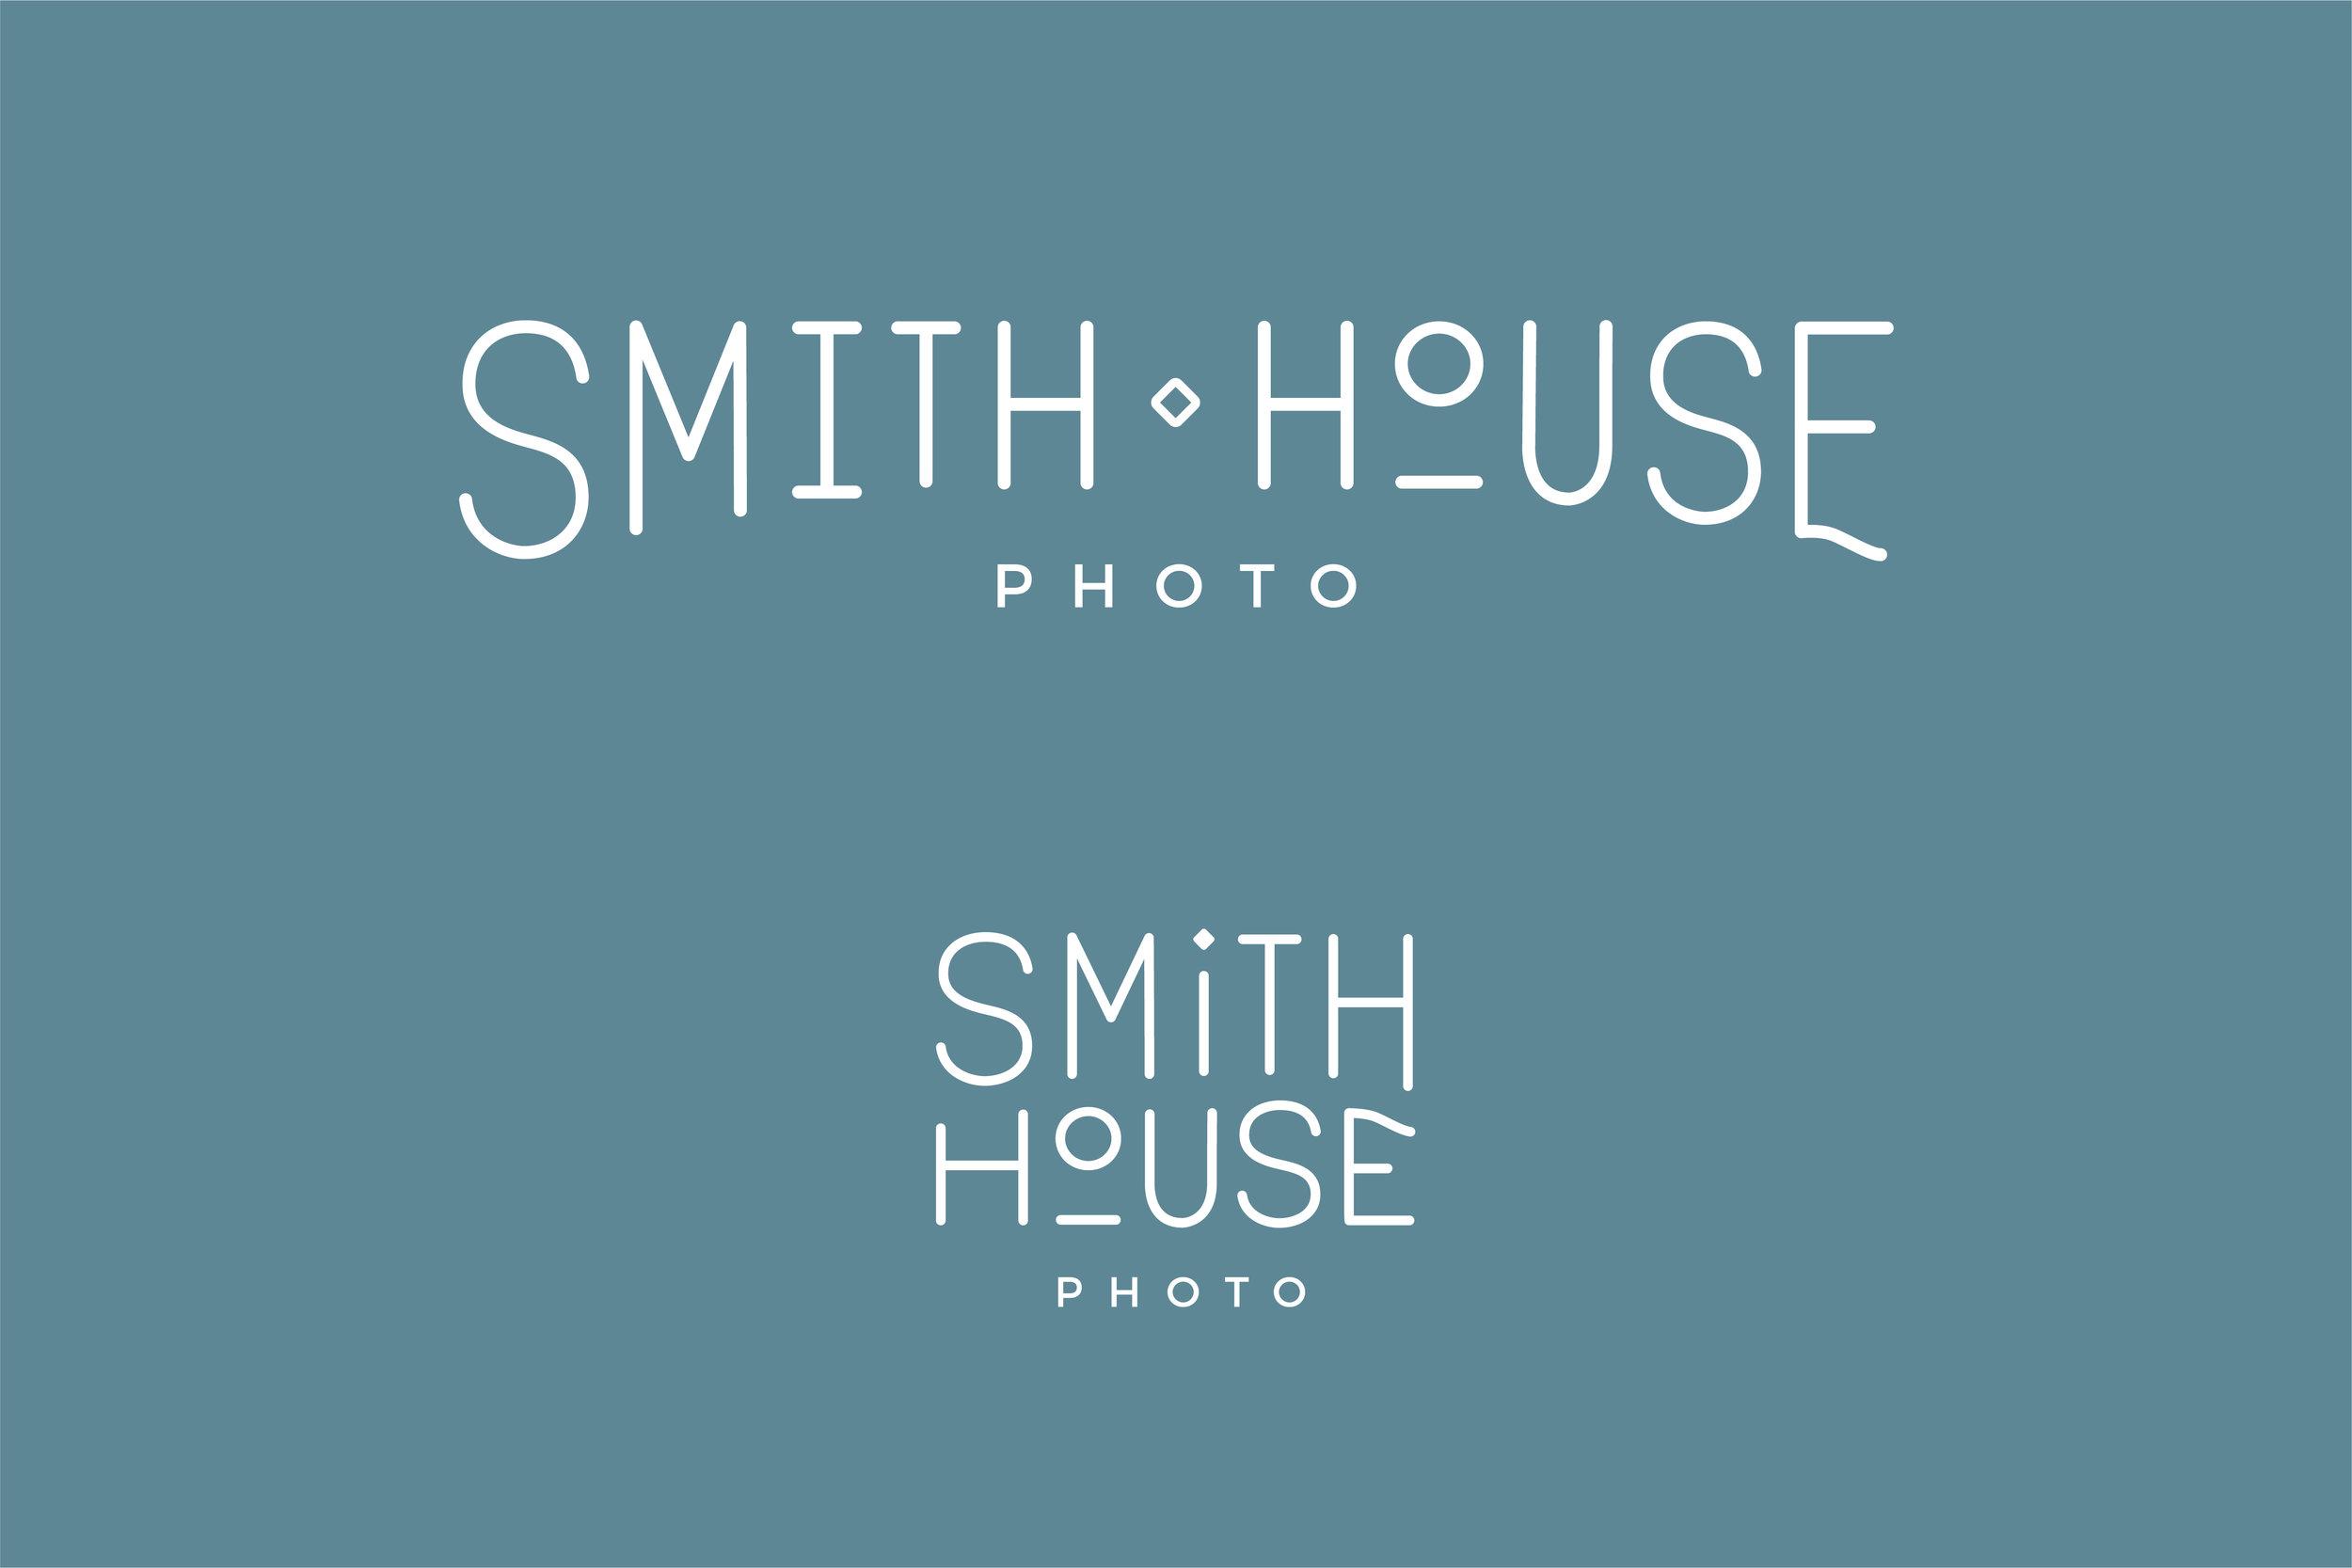 LynseyCreative_SmithHousePhoto_Portfolio_logos.jpg